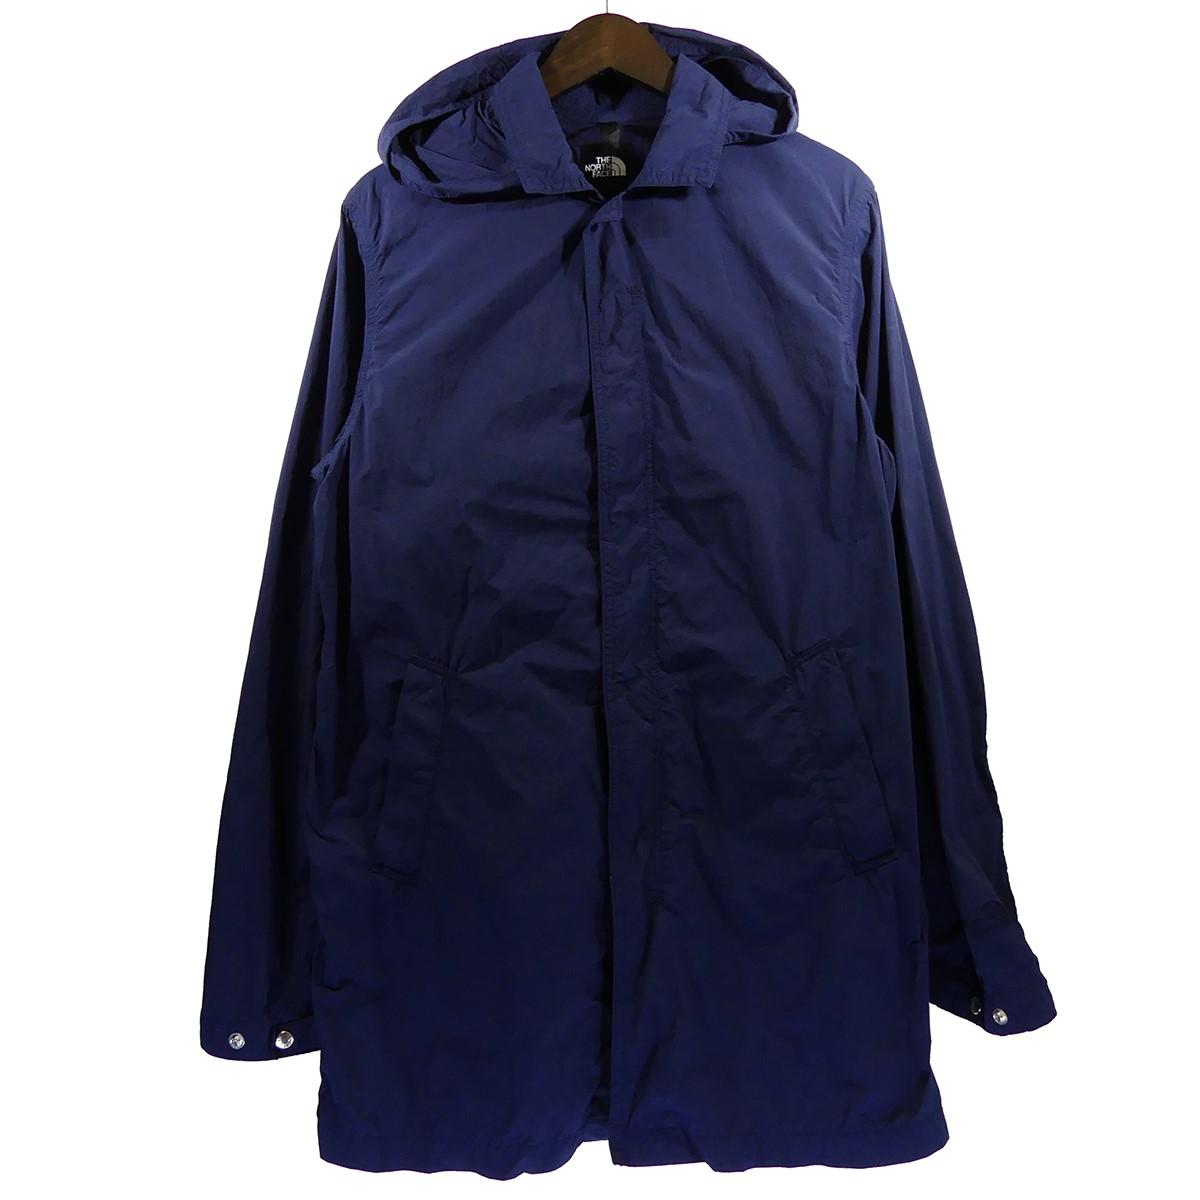 【中古】THE NORTH FACE Journeys Tech Indigo Coat ステンカラーコート インディゴ サイズ:M 【040520】(ザノースフェイス)